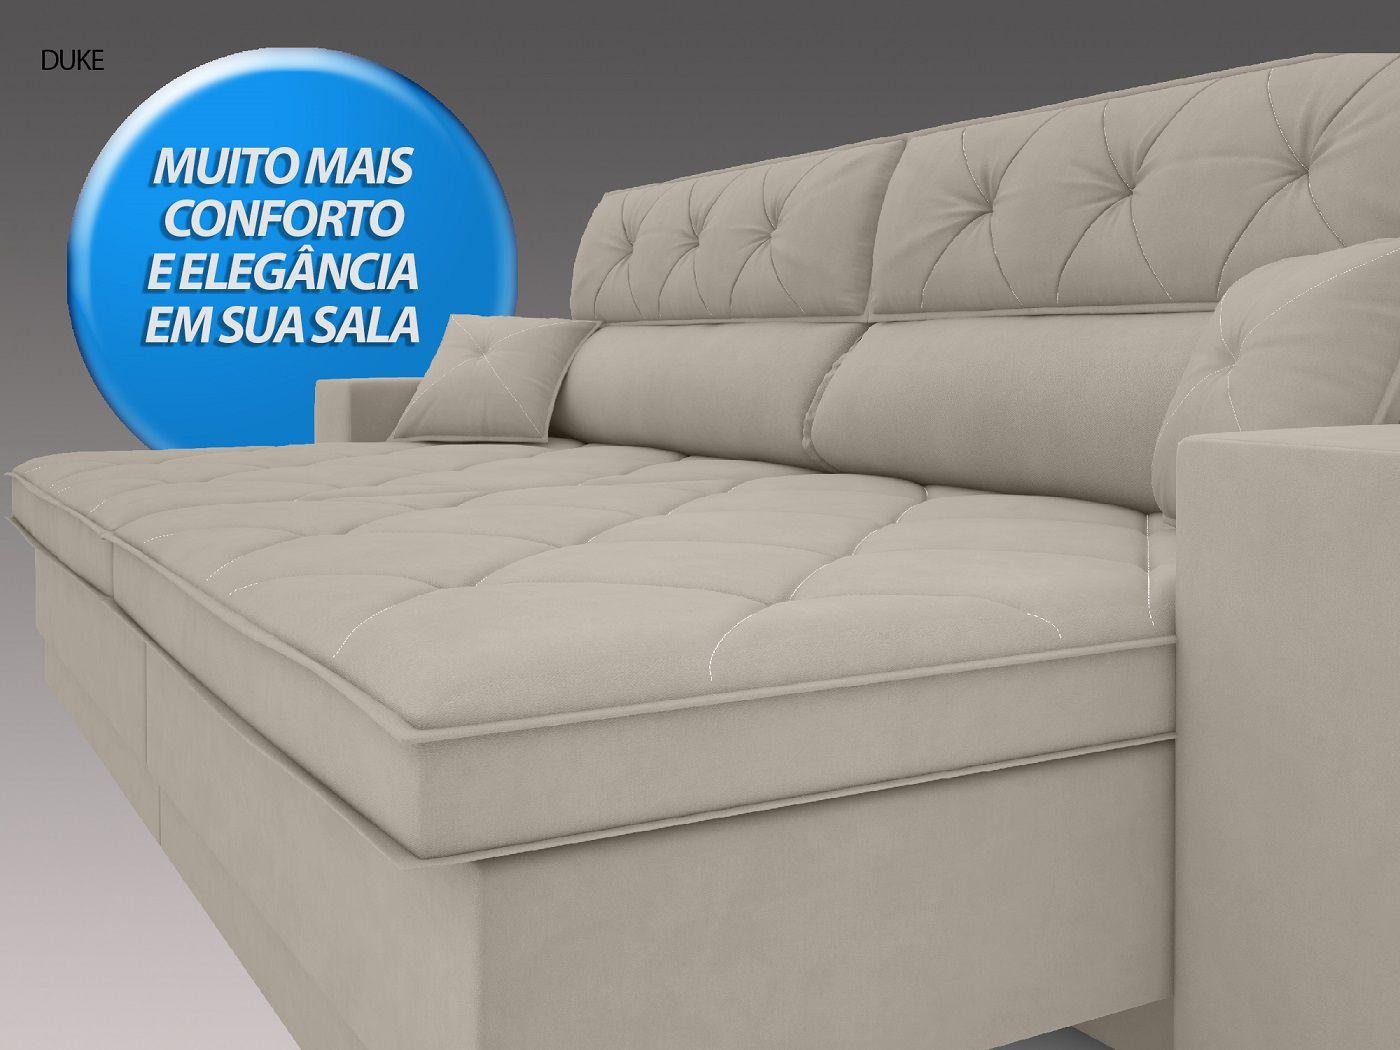 Sofá Duke 2,70m Retrátil e Reclinável Velosuede Areia - NETSOFAS